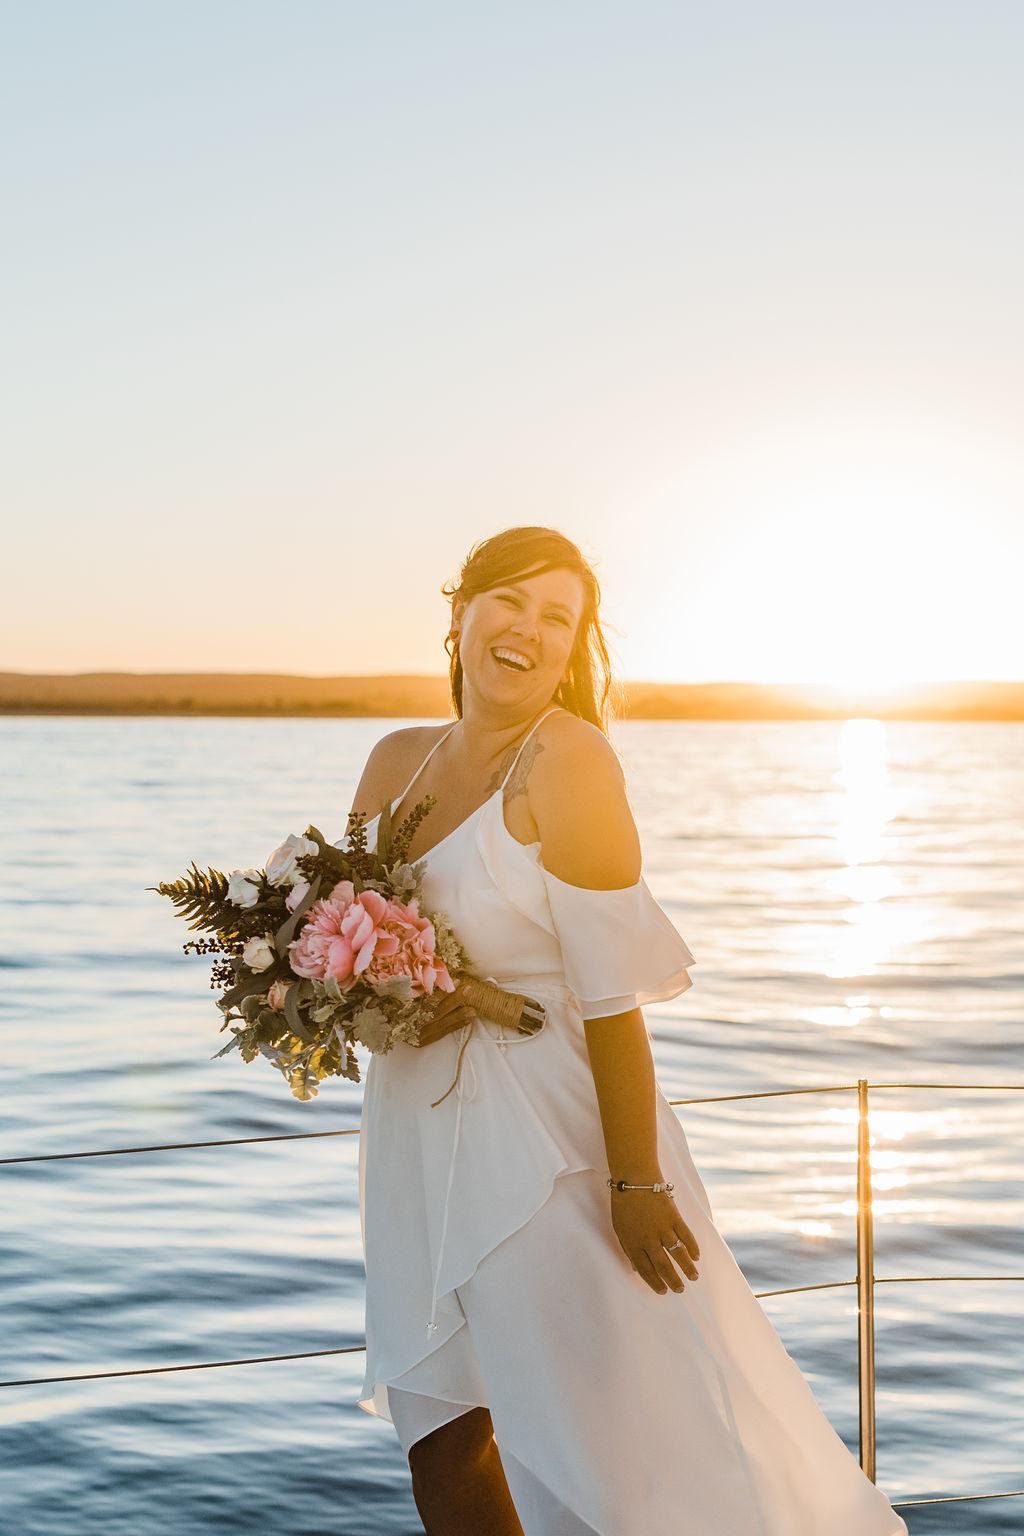 S&B-Elopetoningaloo-blue-media-weddings-cruise-197.jpg